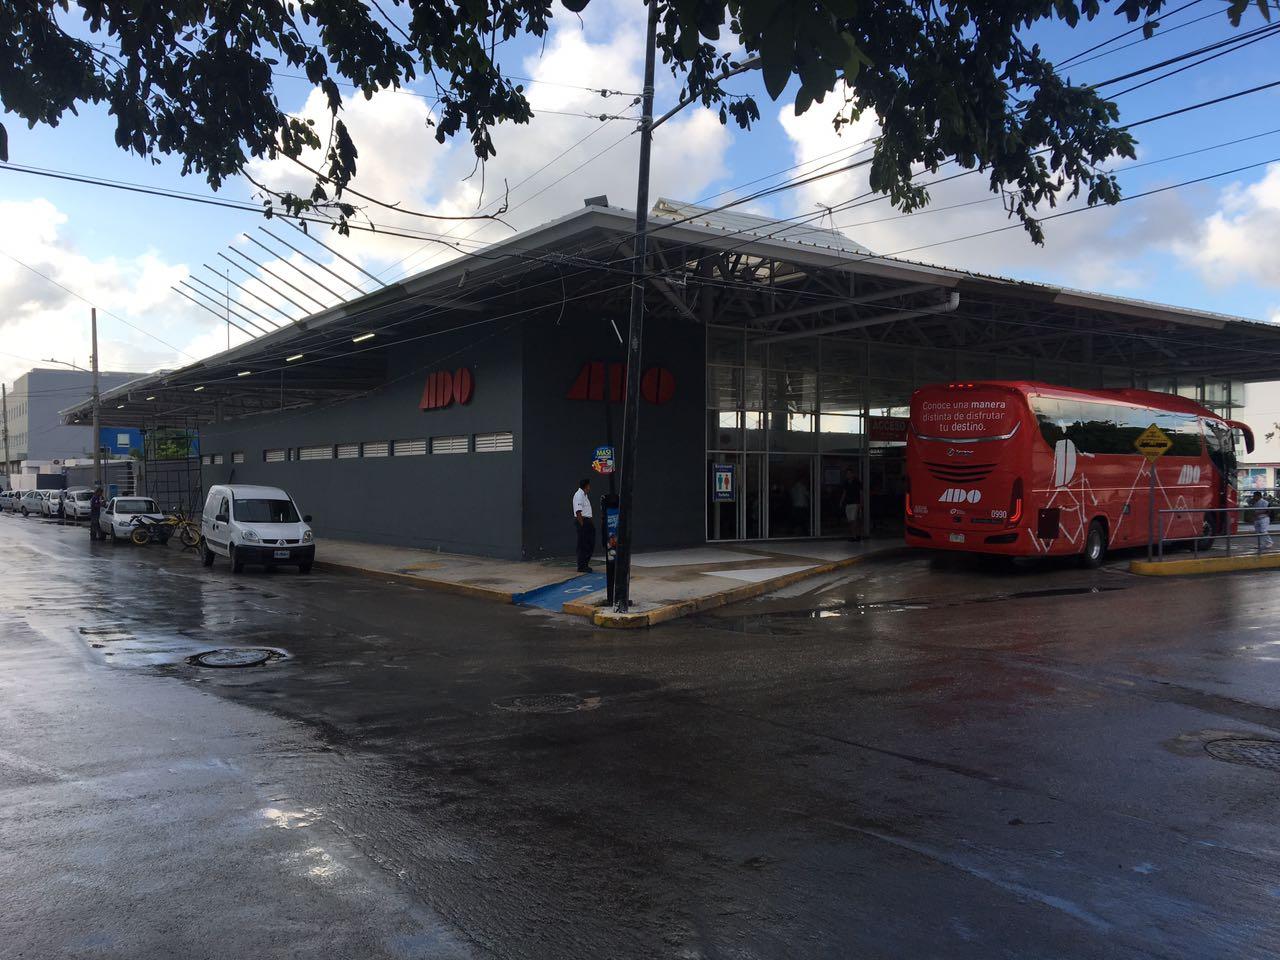 Estación de buses ADO en Playa del Carmen